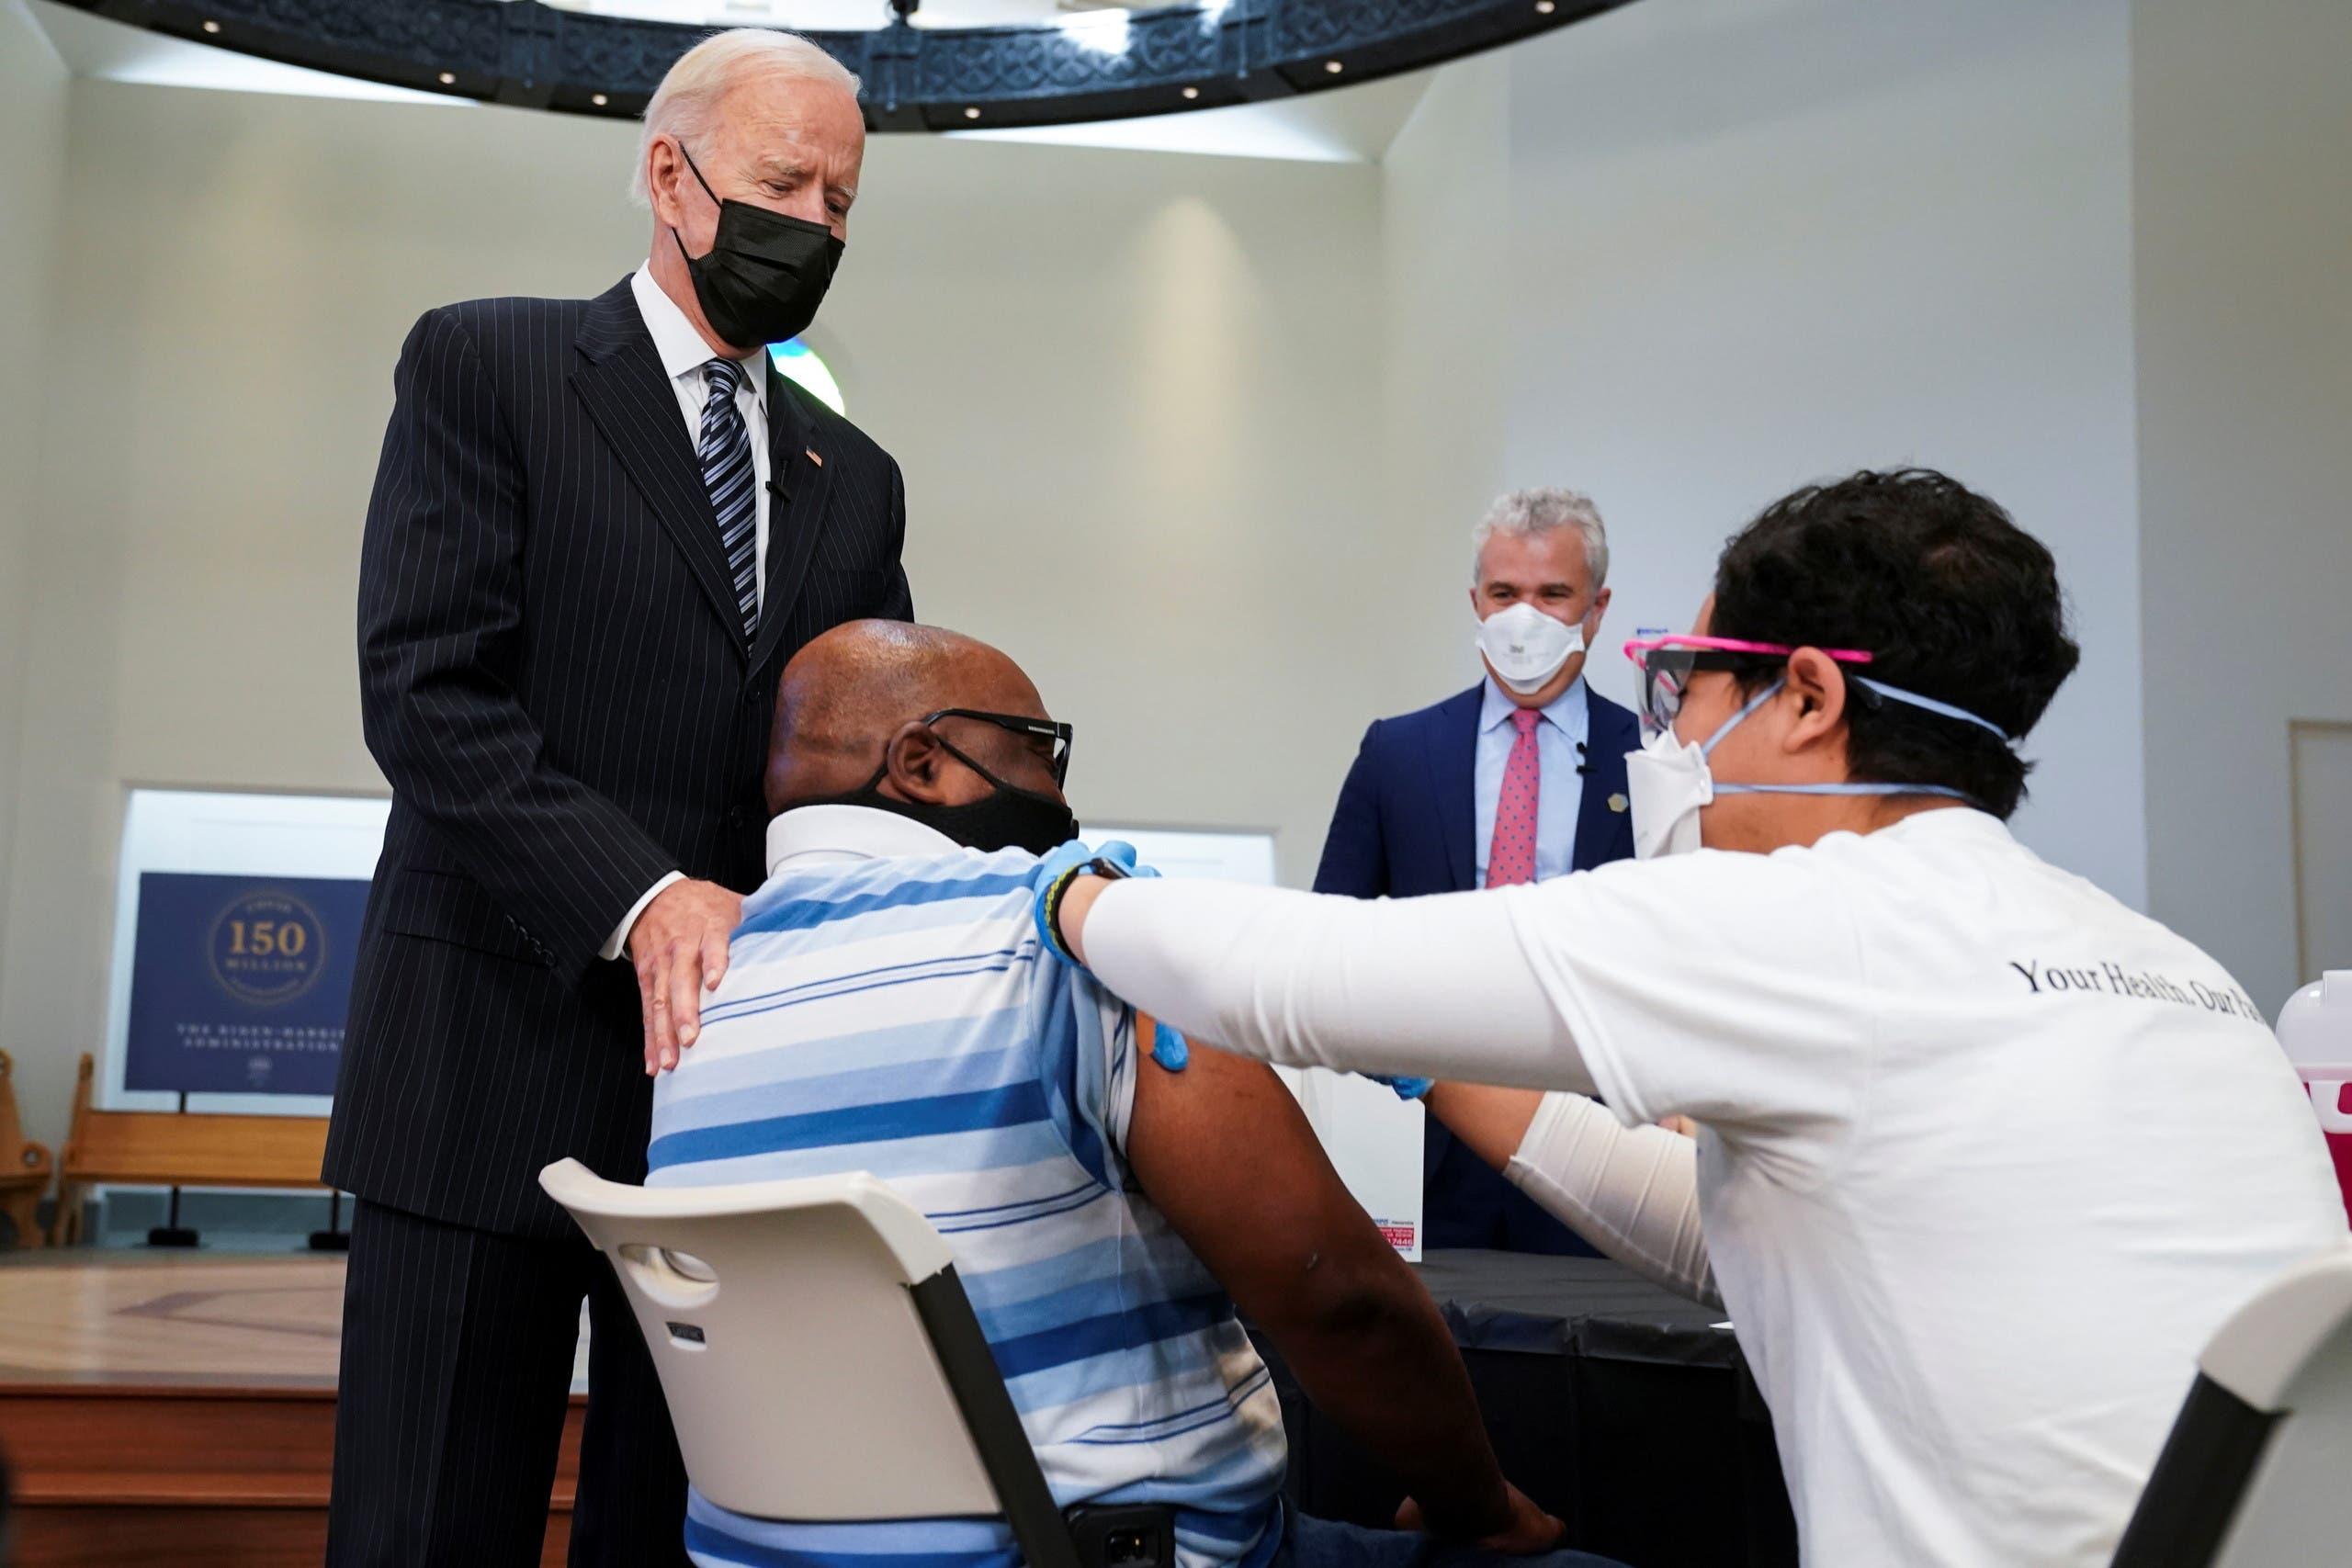 الرئيس الأميركي في زيارة لأحد مراكز التطعيم (رويترز)